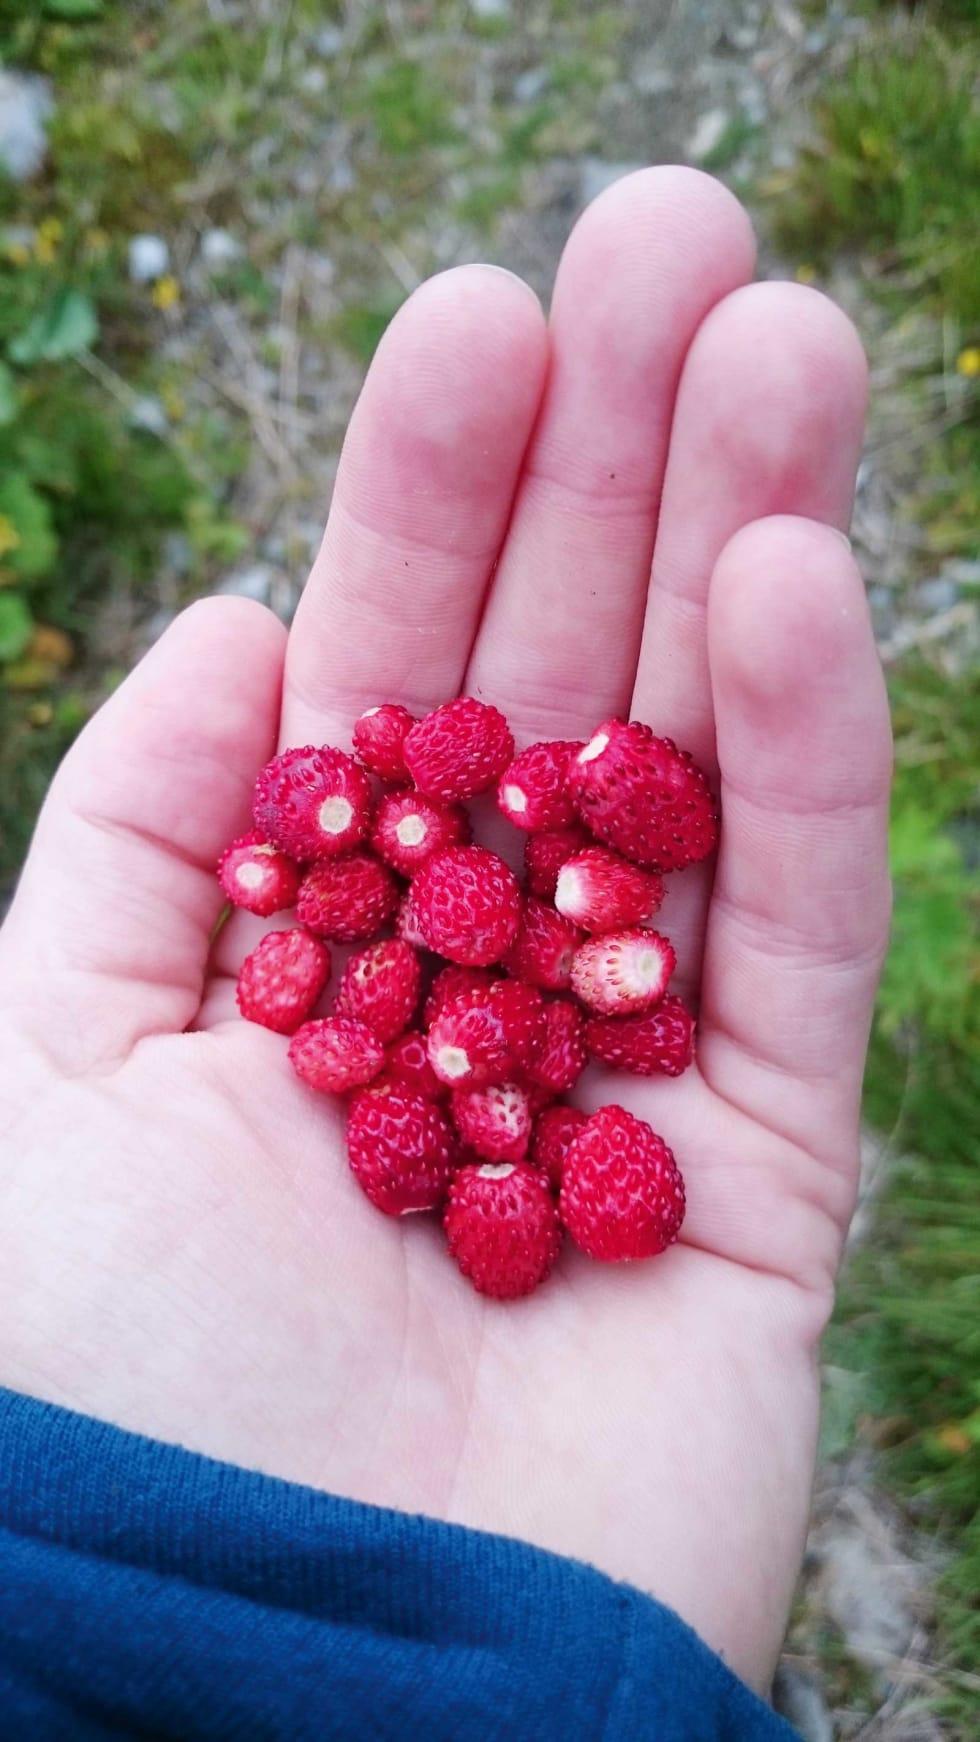 SESONGENS RÅVARER: Alle burde ha et markjordbærsted. Finn ditt.